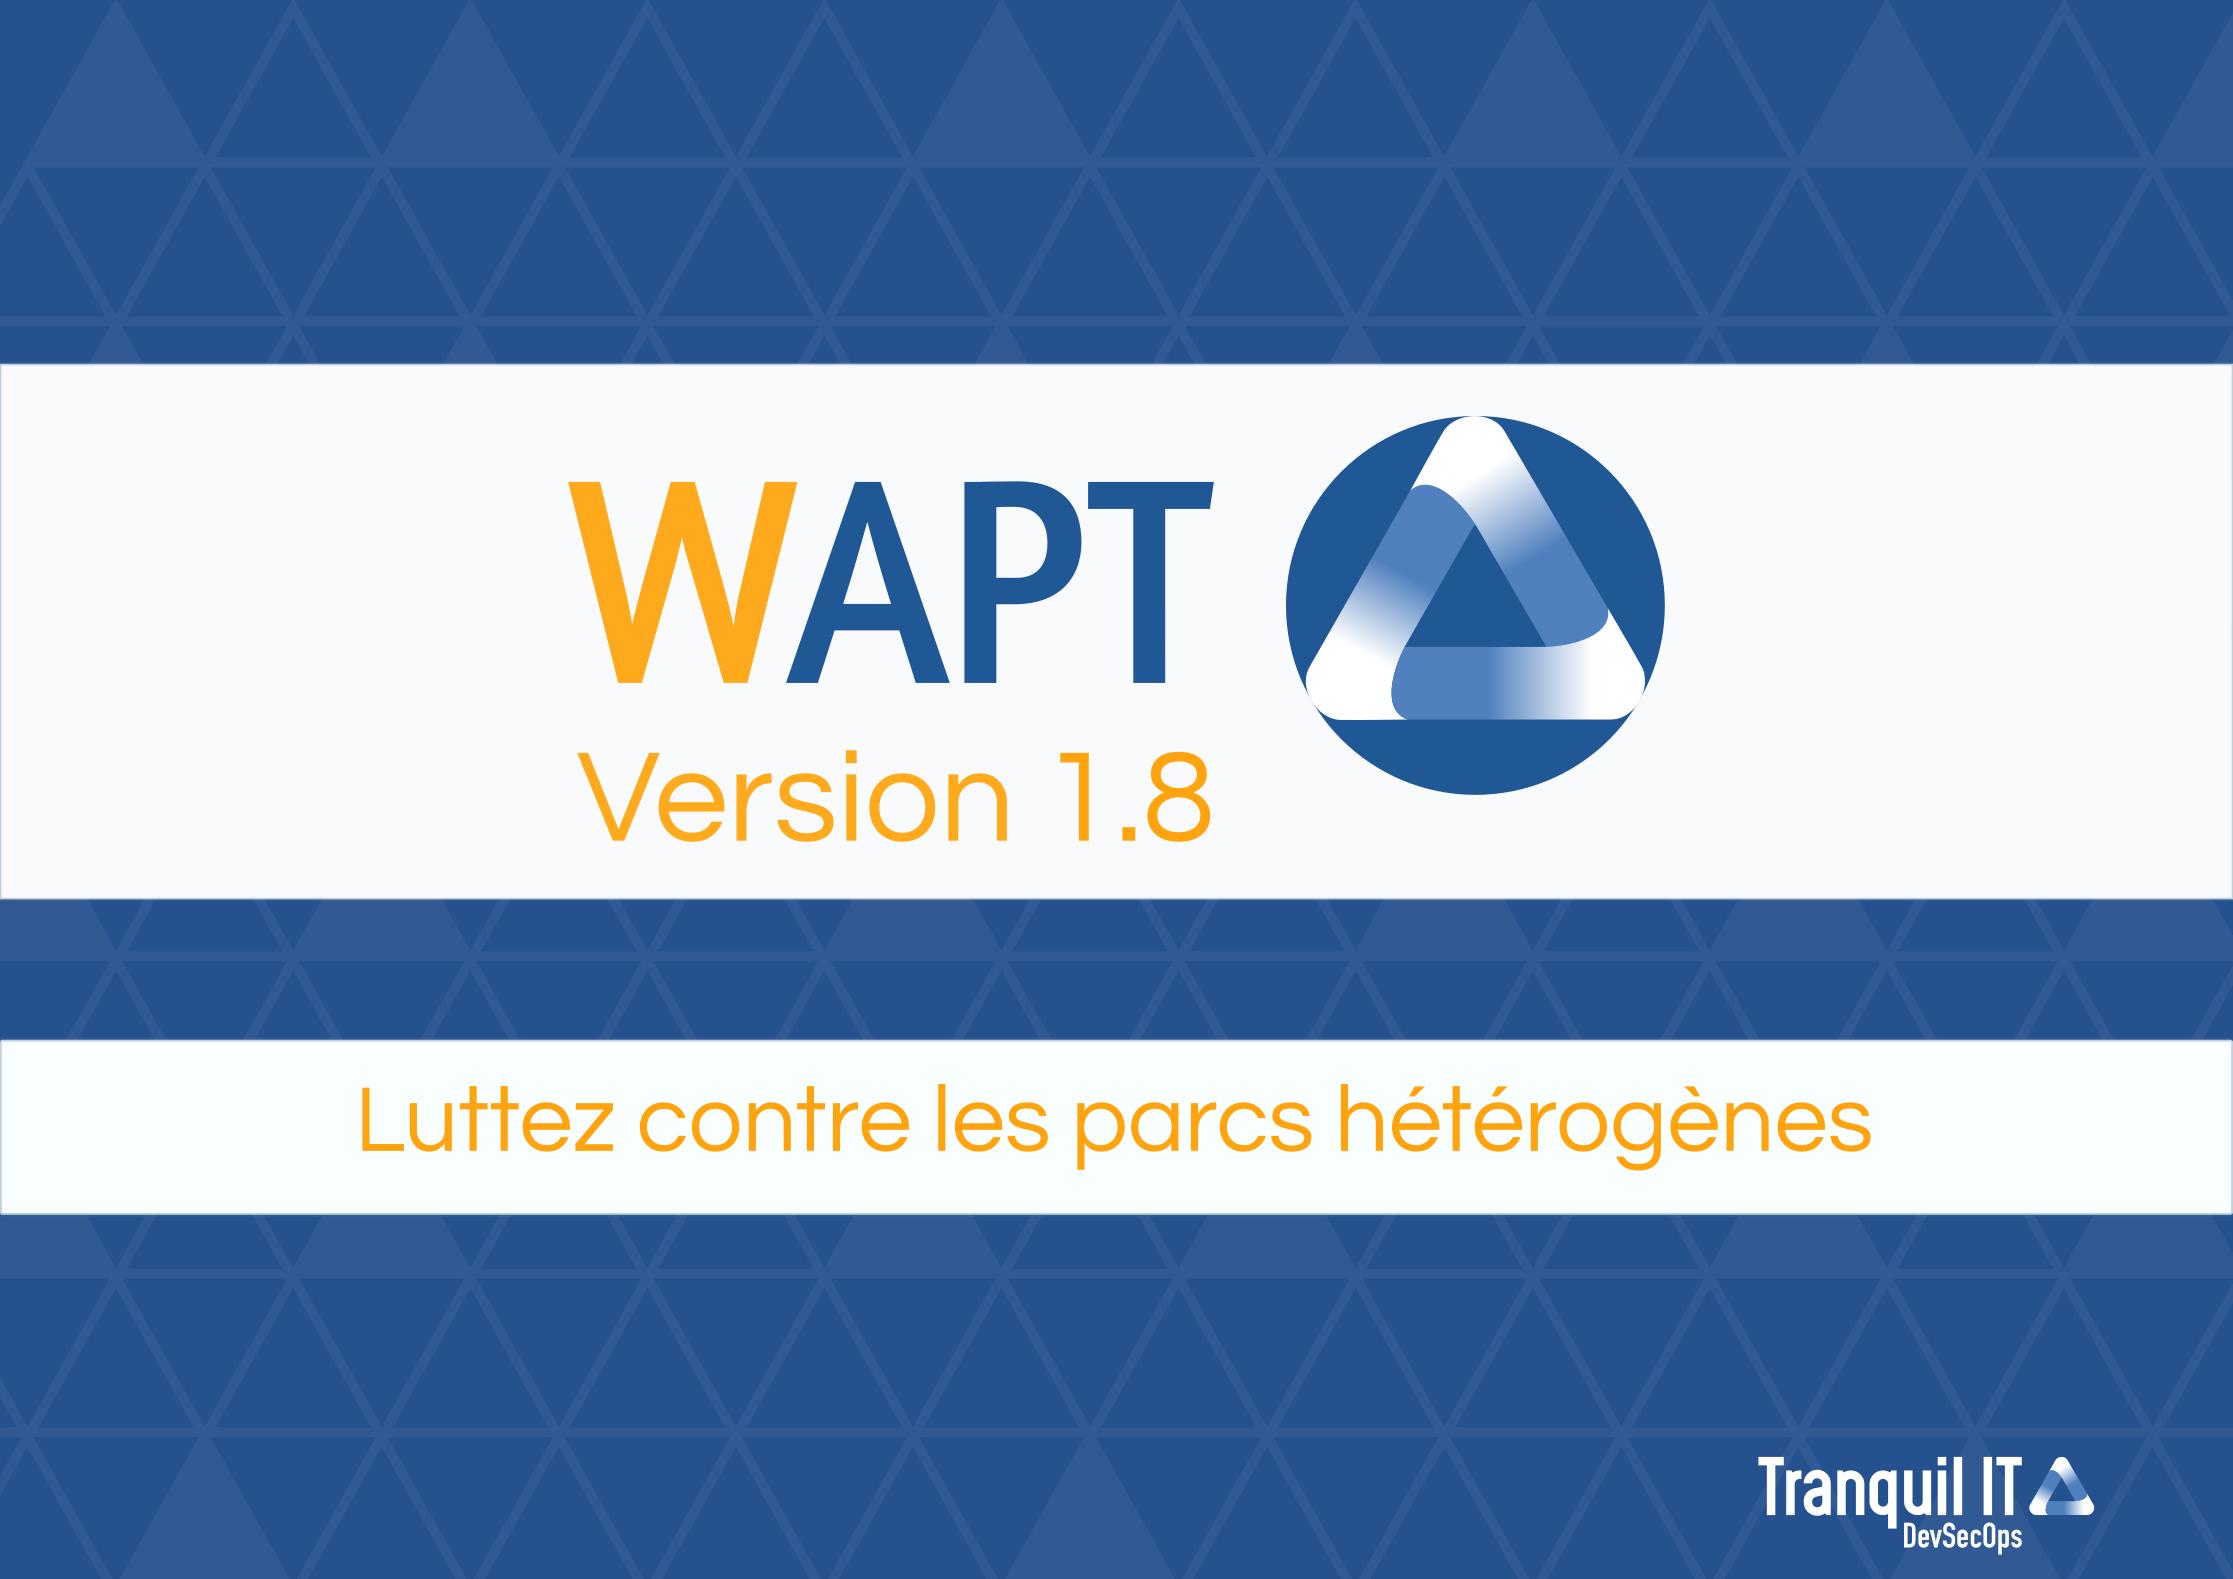 WAPT 1.8 : Stear clear of heterogeneous parks!